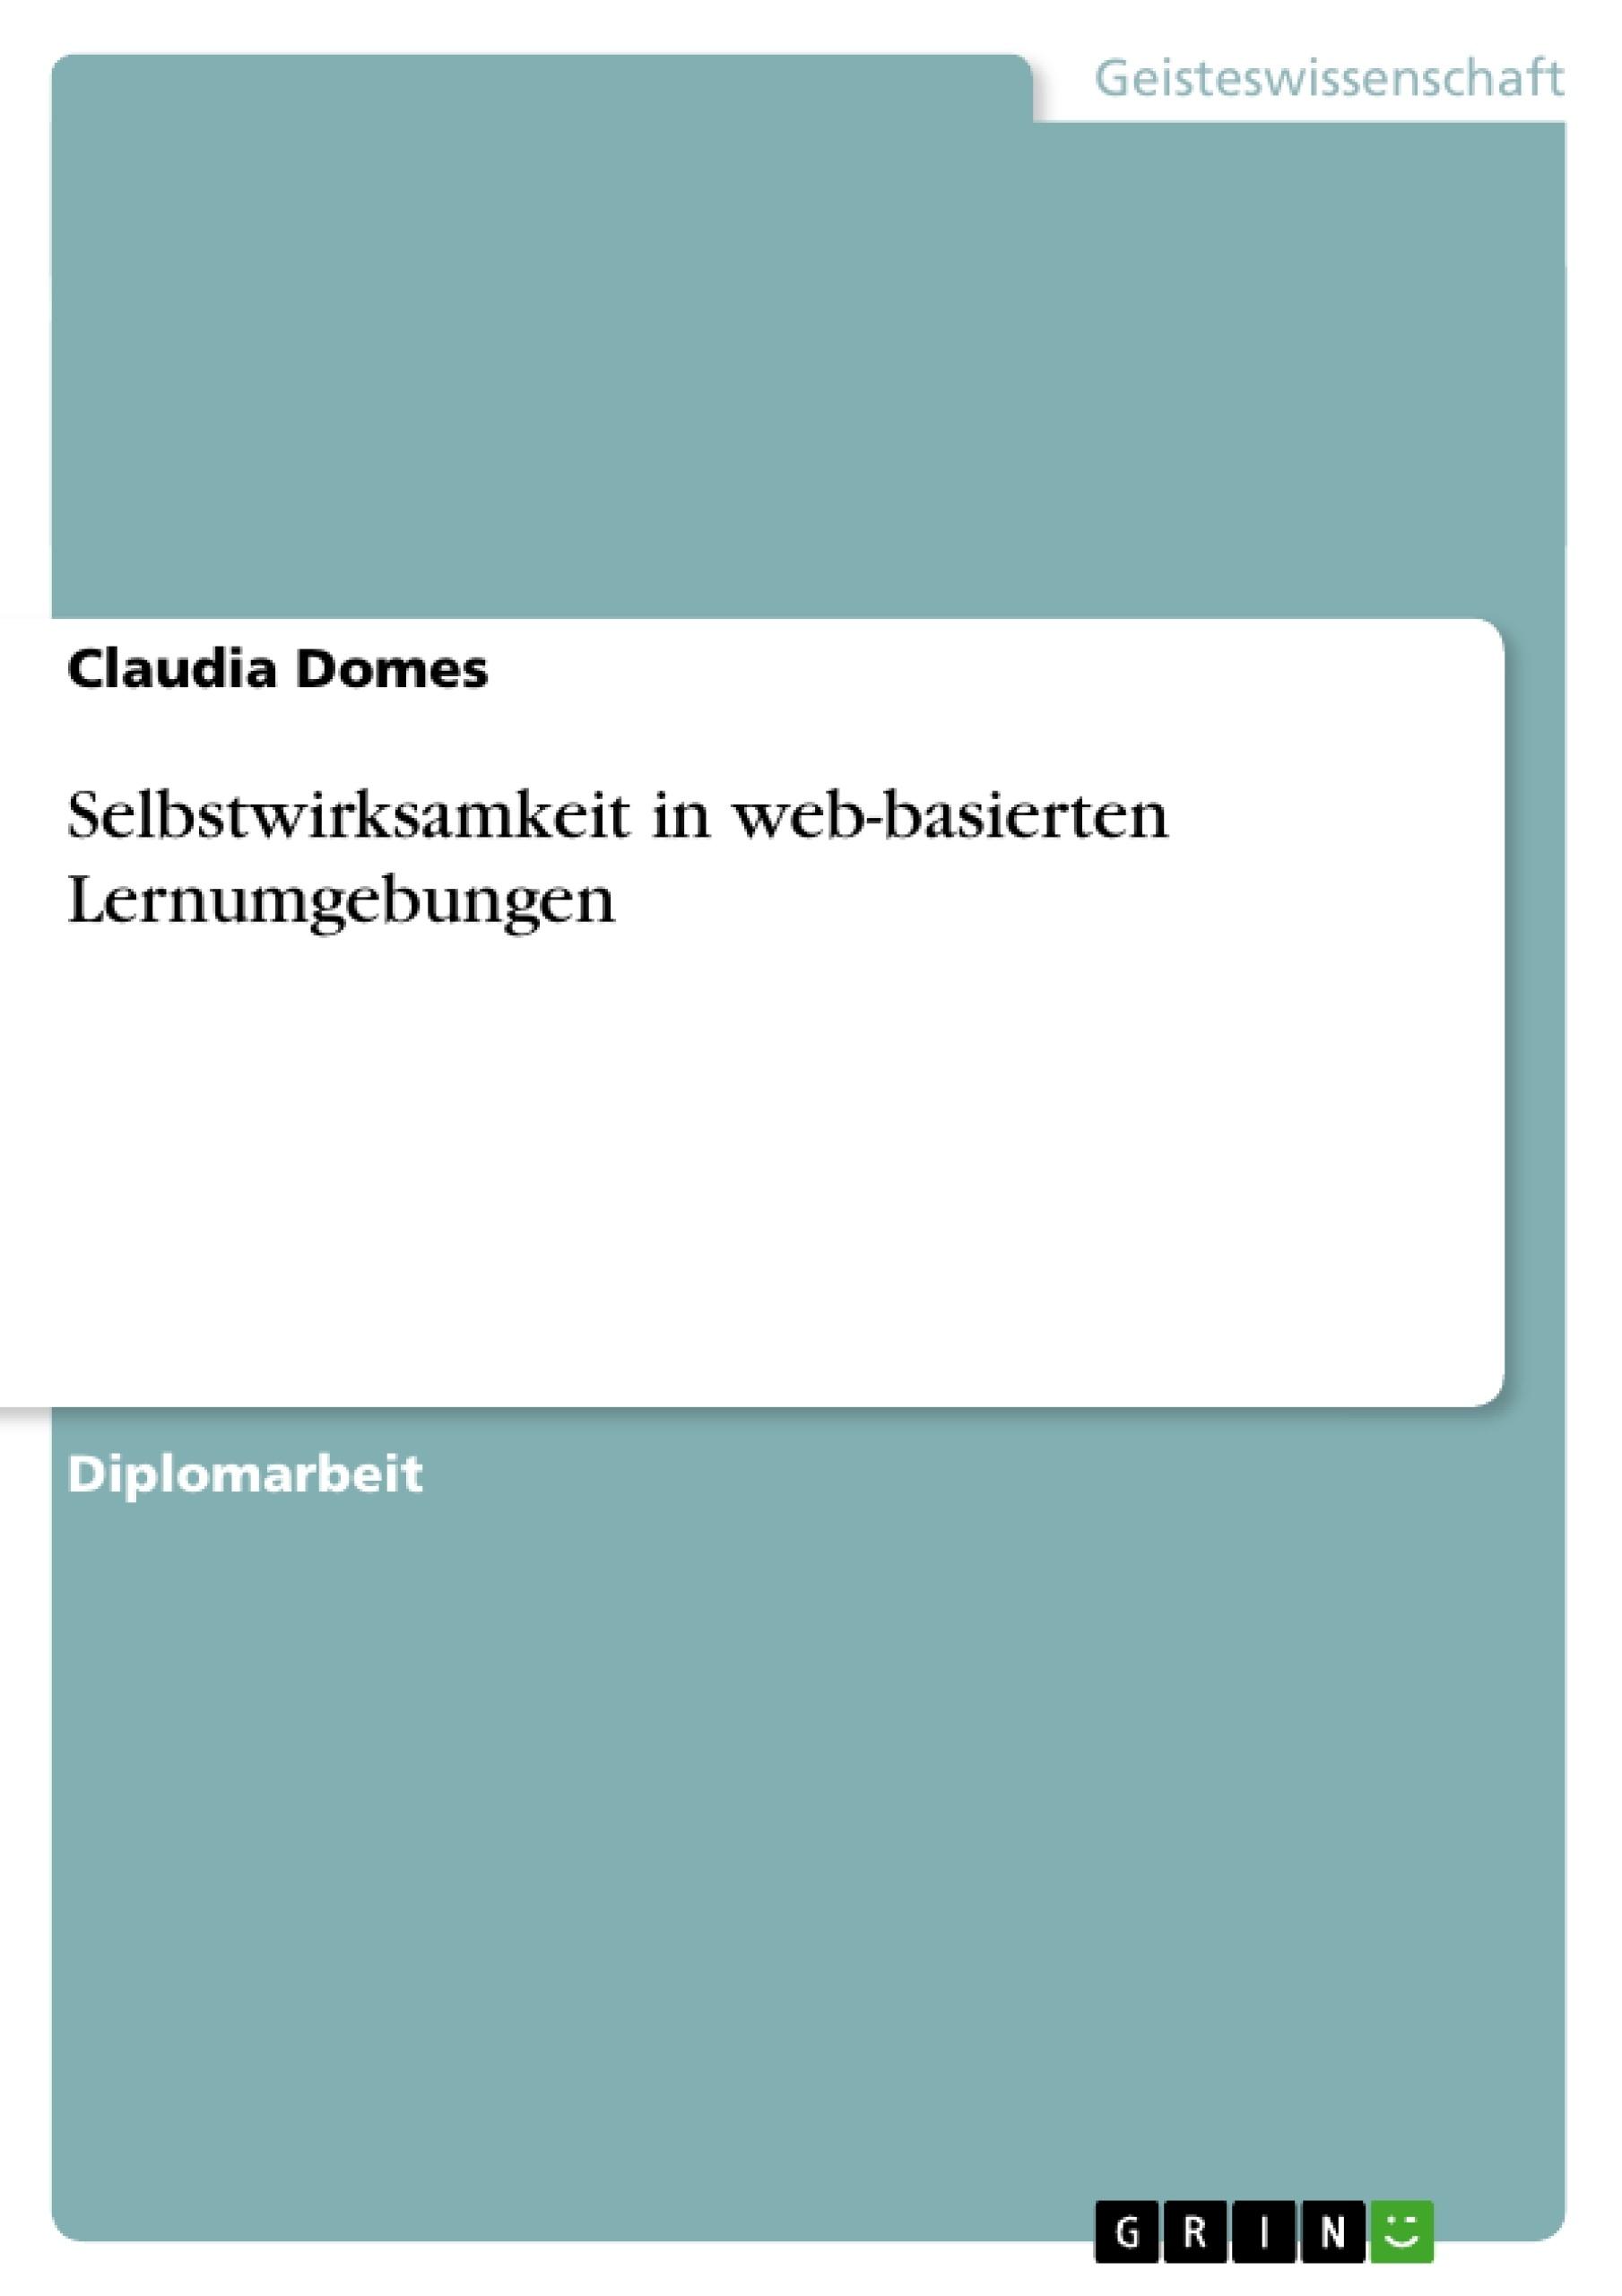 Titel: Selbstwirksamkeit in web-basierten Lernumgebungen